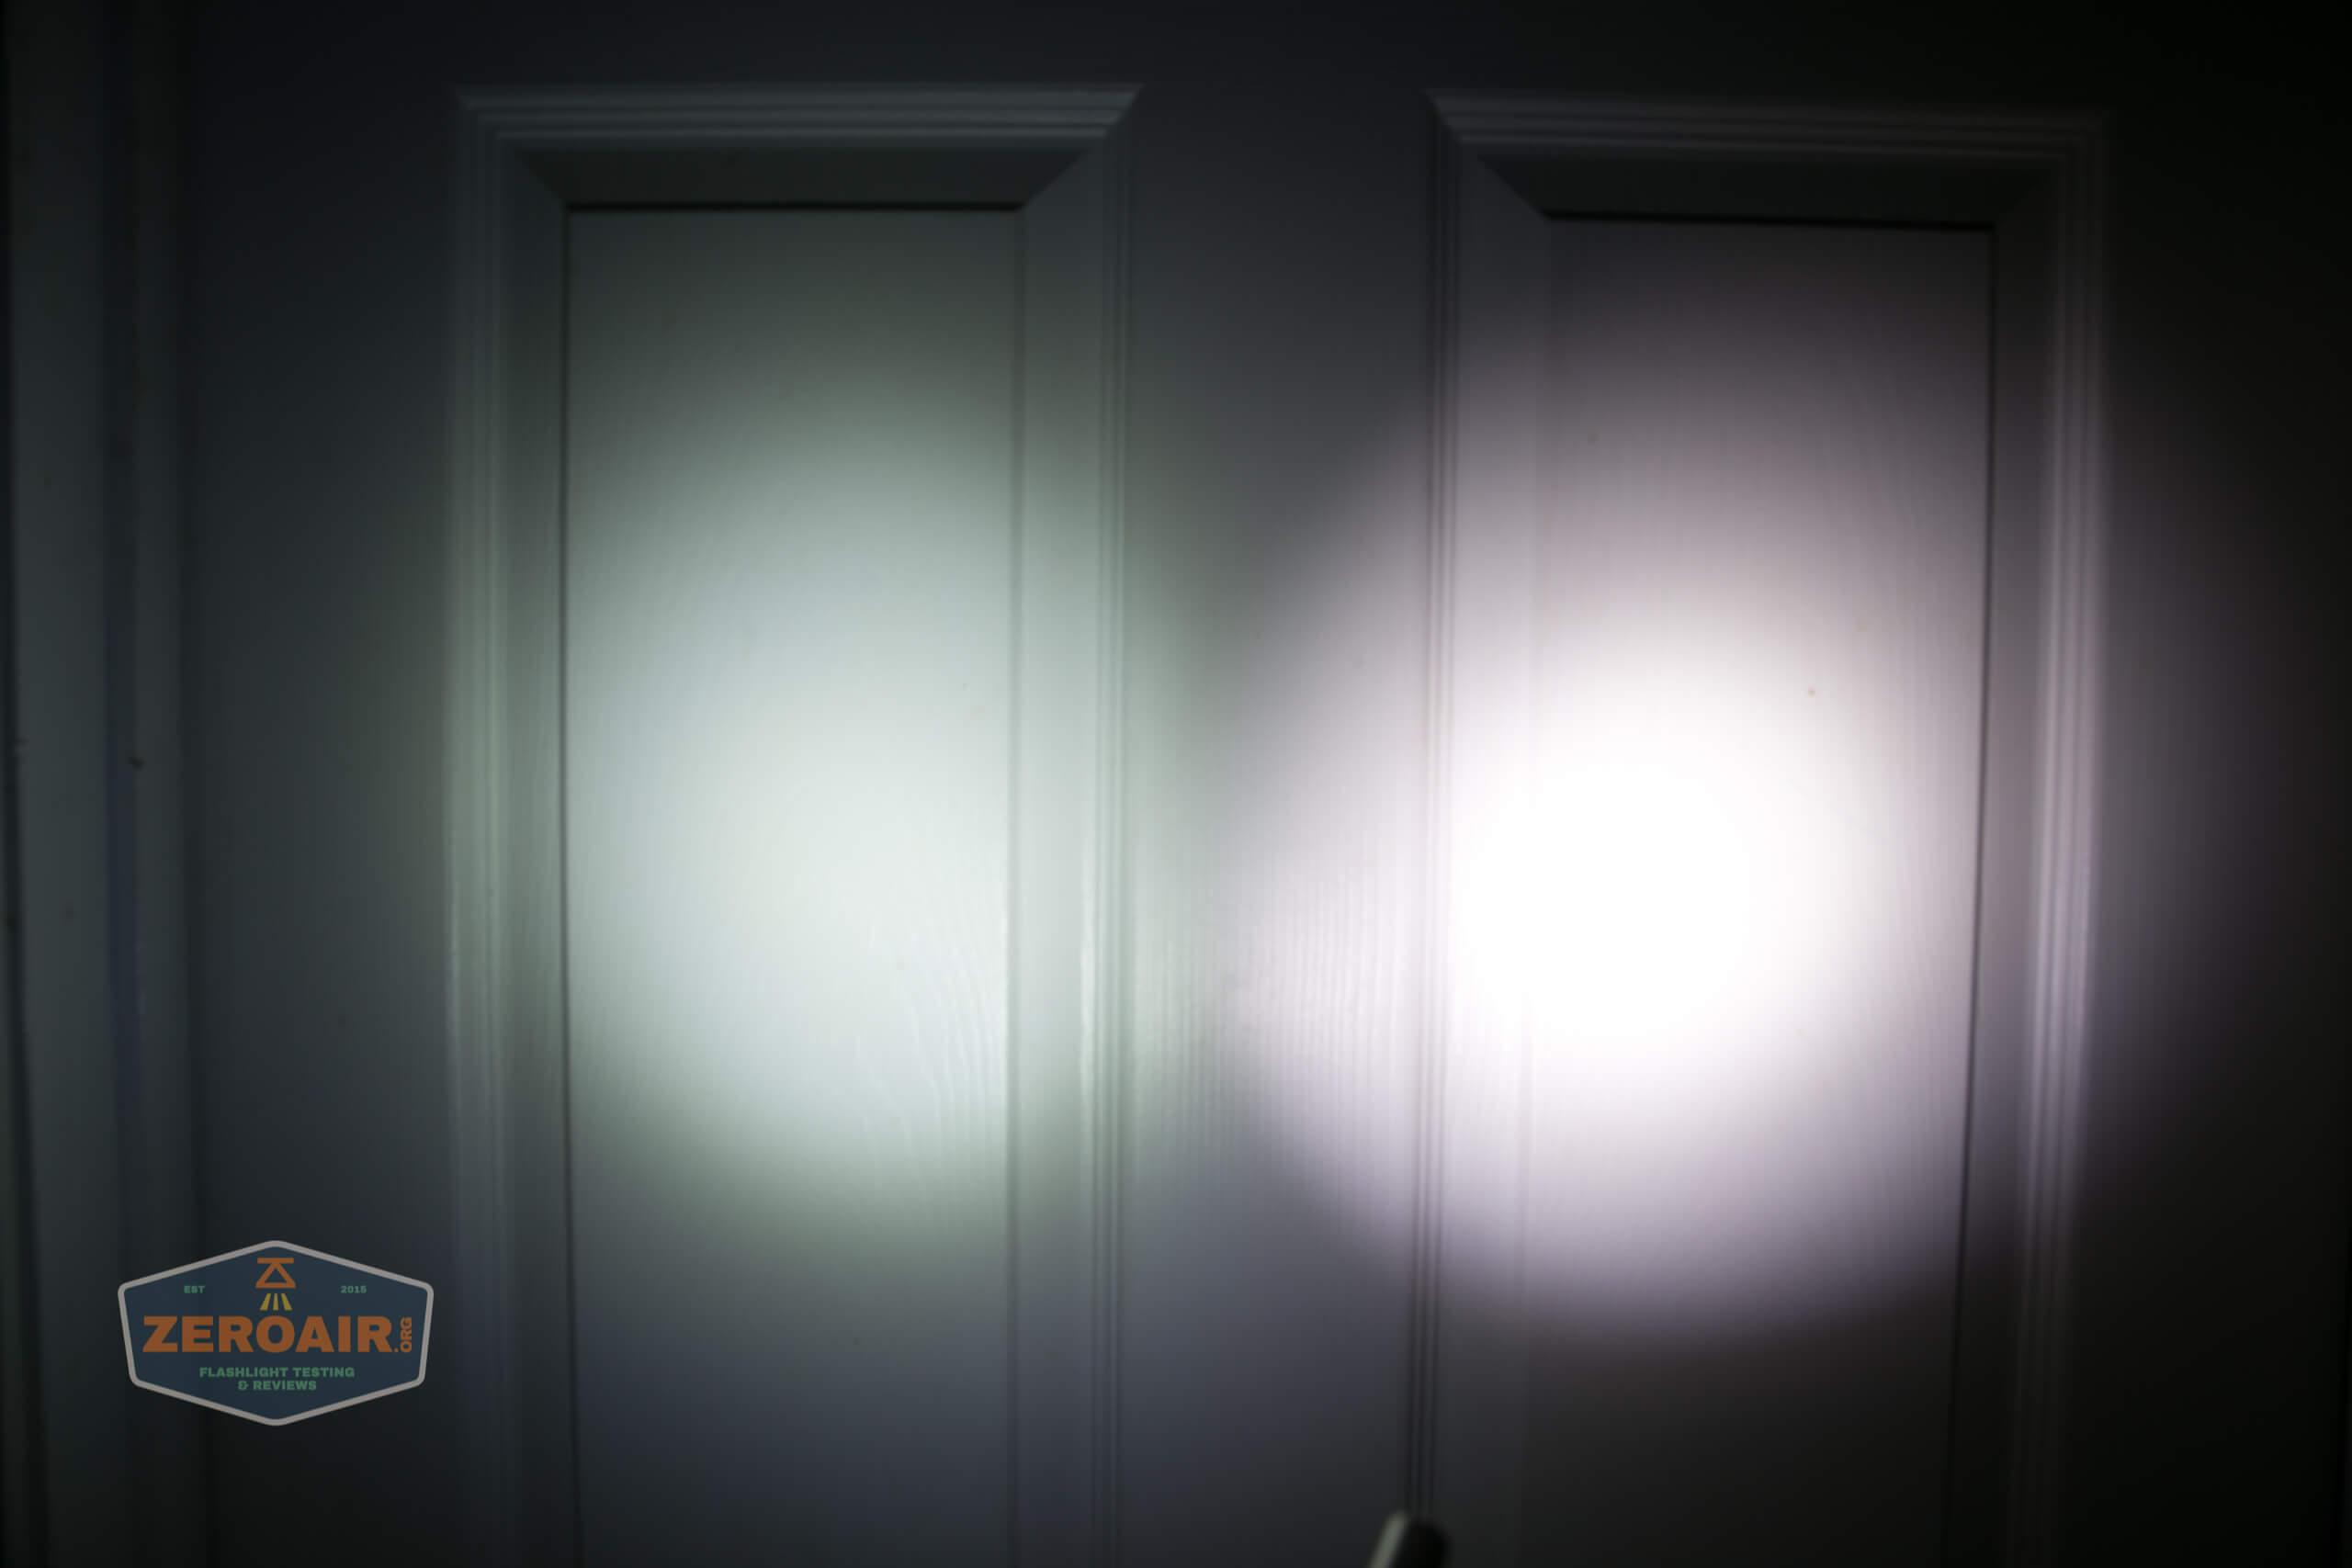 olight perun 2 21700 headlamp orange beamshot door 2